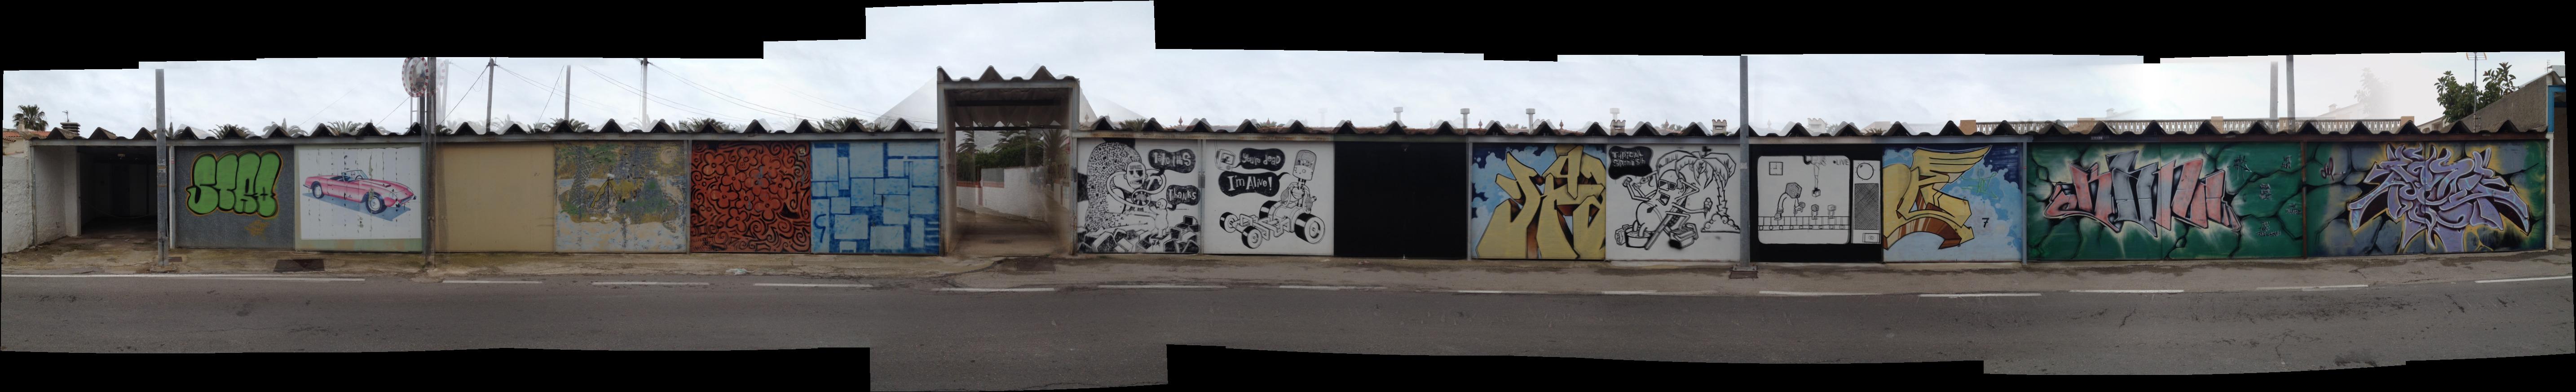 Eine zig meter lange Hausfront in Vinaros